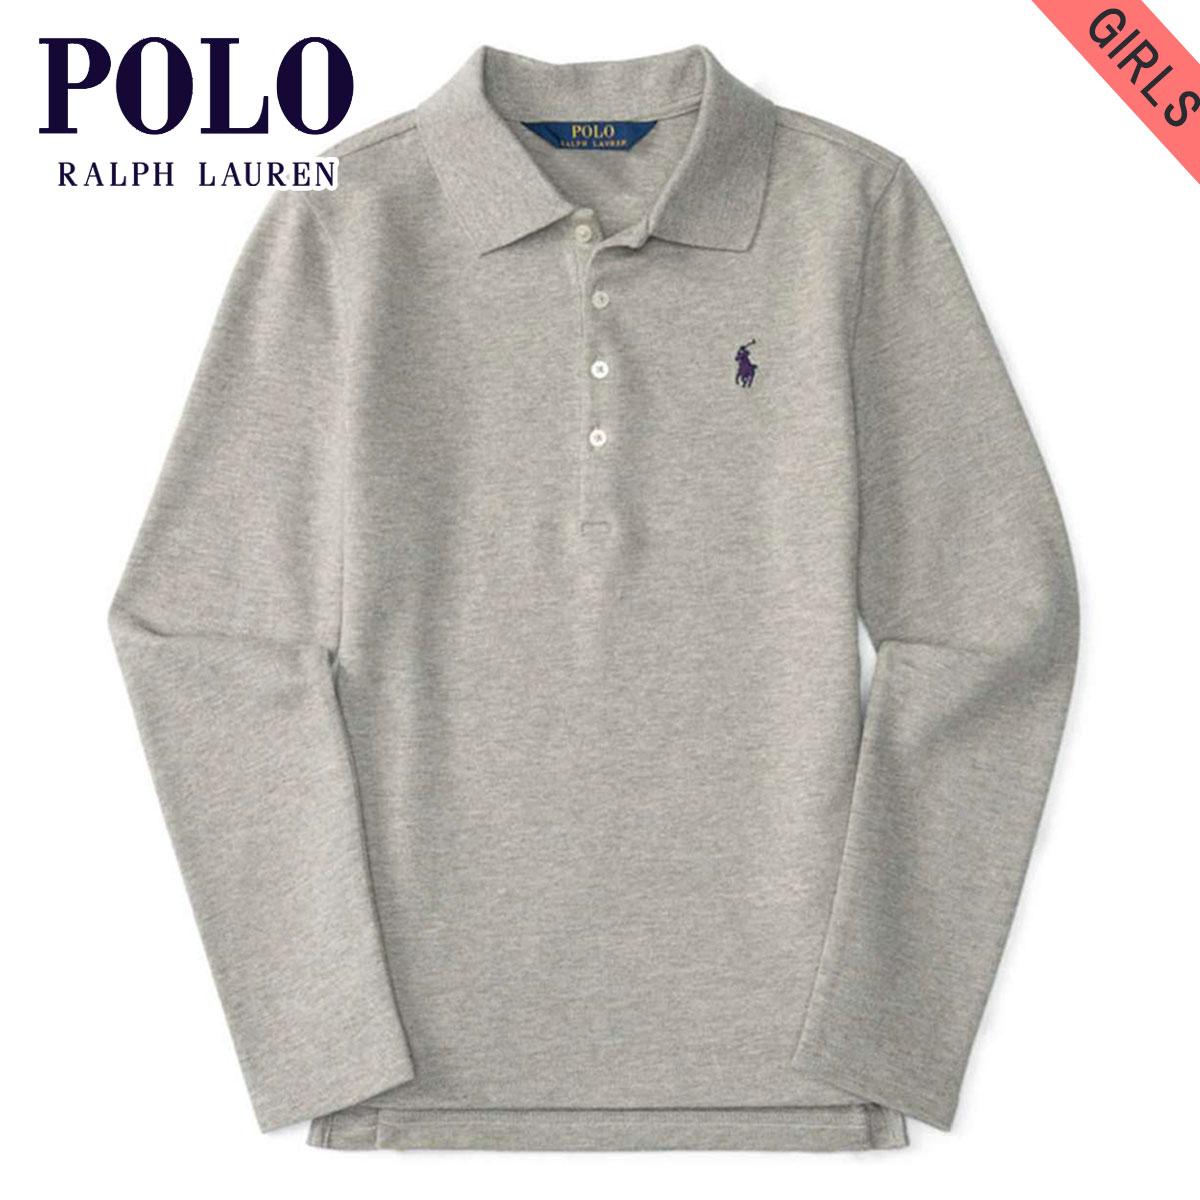 5bb01bc8 Polo Ralph Lauren kids POLO RALPH LAUREN CHILDREN regular article children's  clothes girls long sleeves polo ...